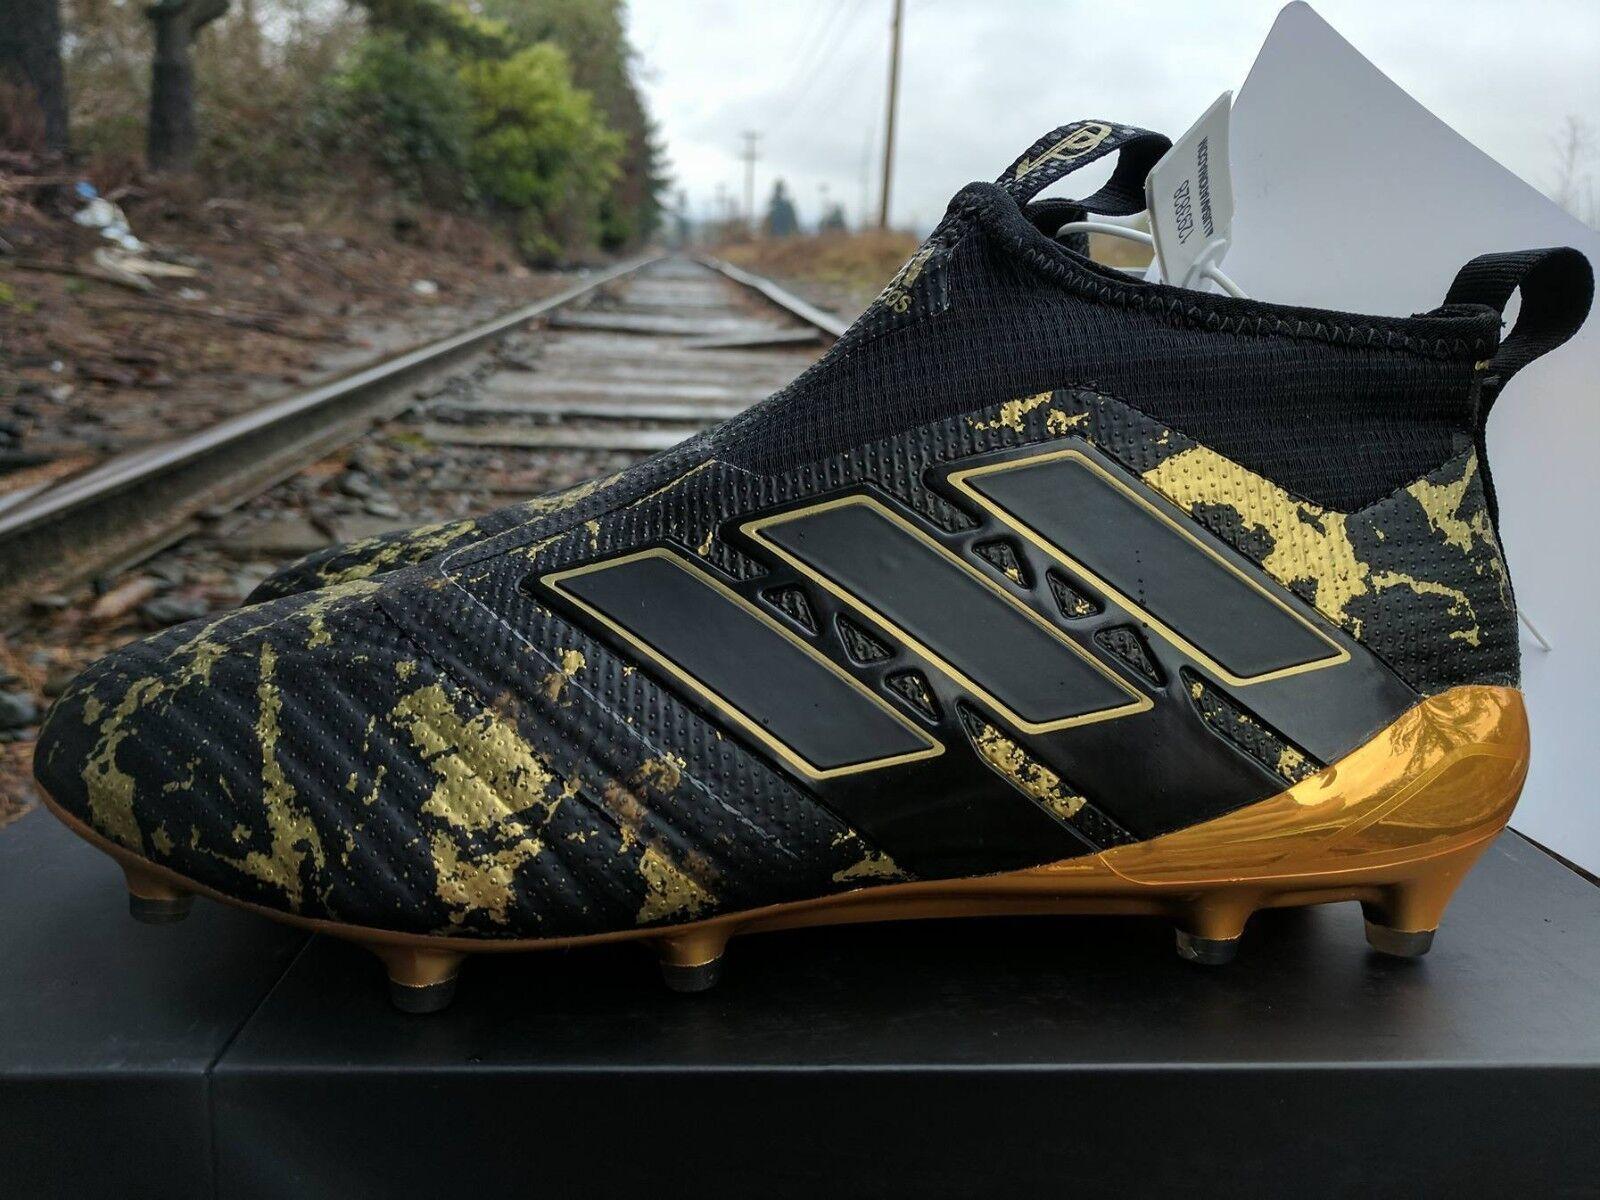 Adidas matt pogba pp ace 17 + purecontrol boden stollen matt Adidas - schwarzen gold by9143 c19321